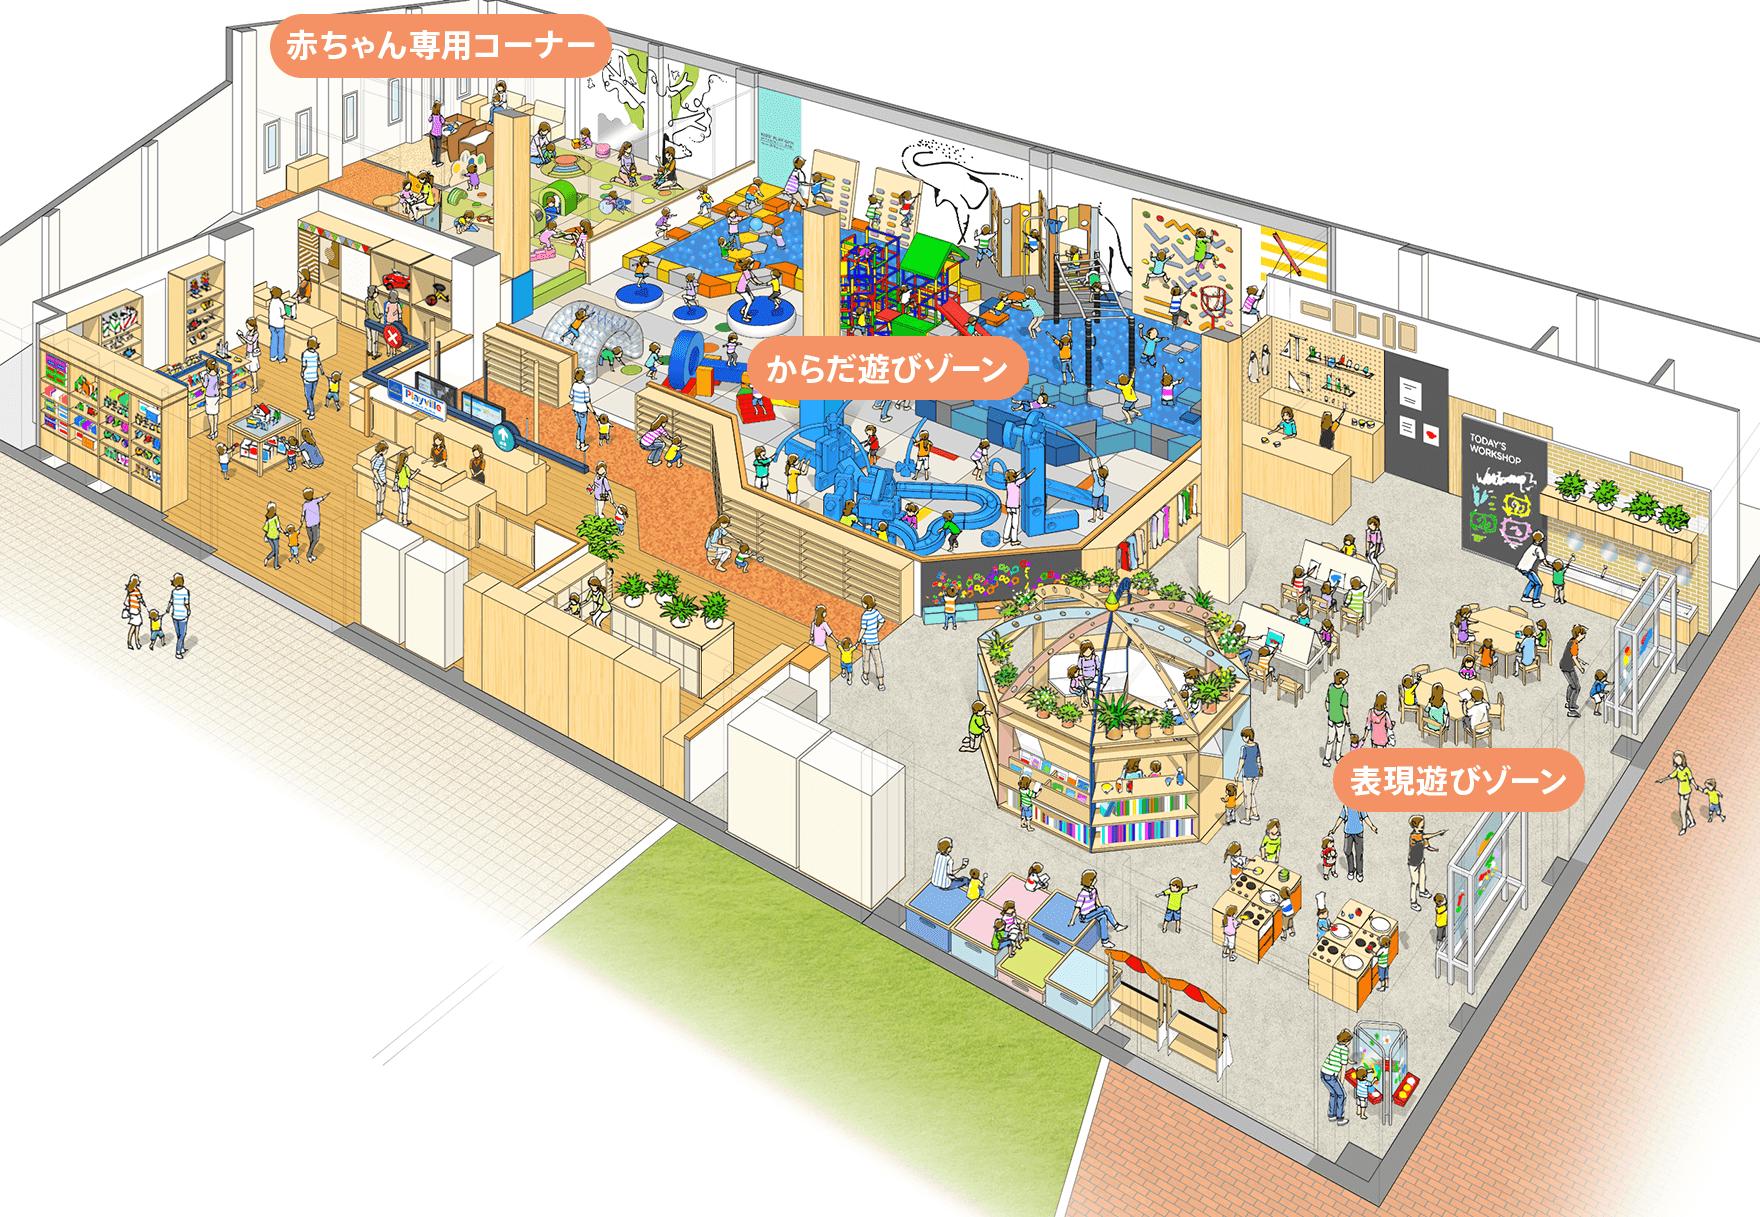 プレイヴィル 大阪城公園